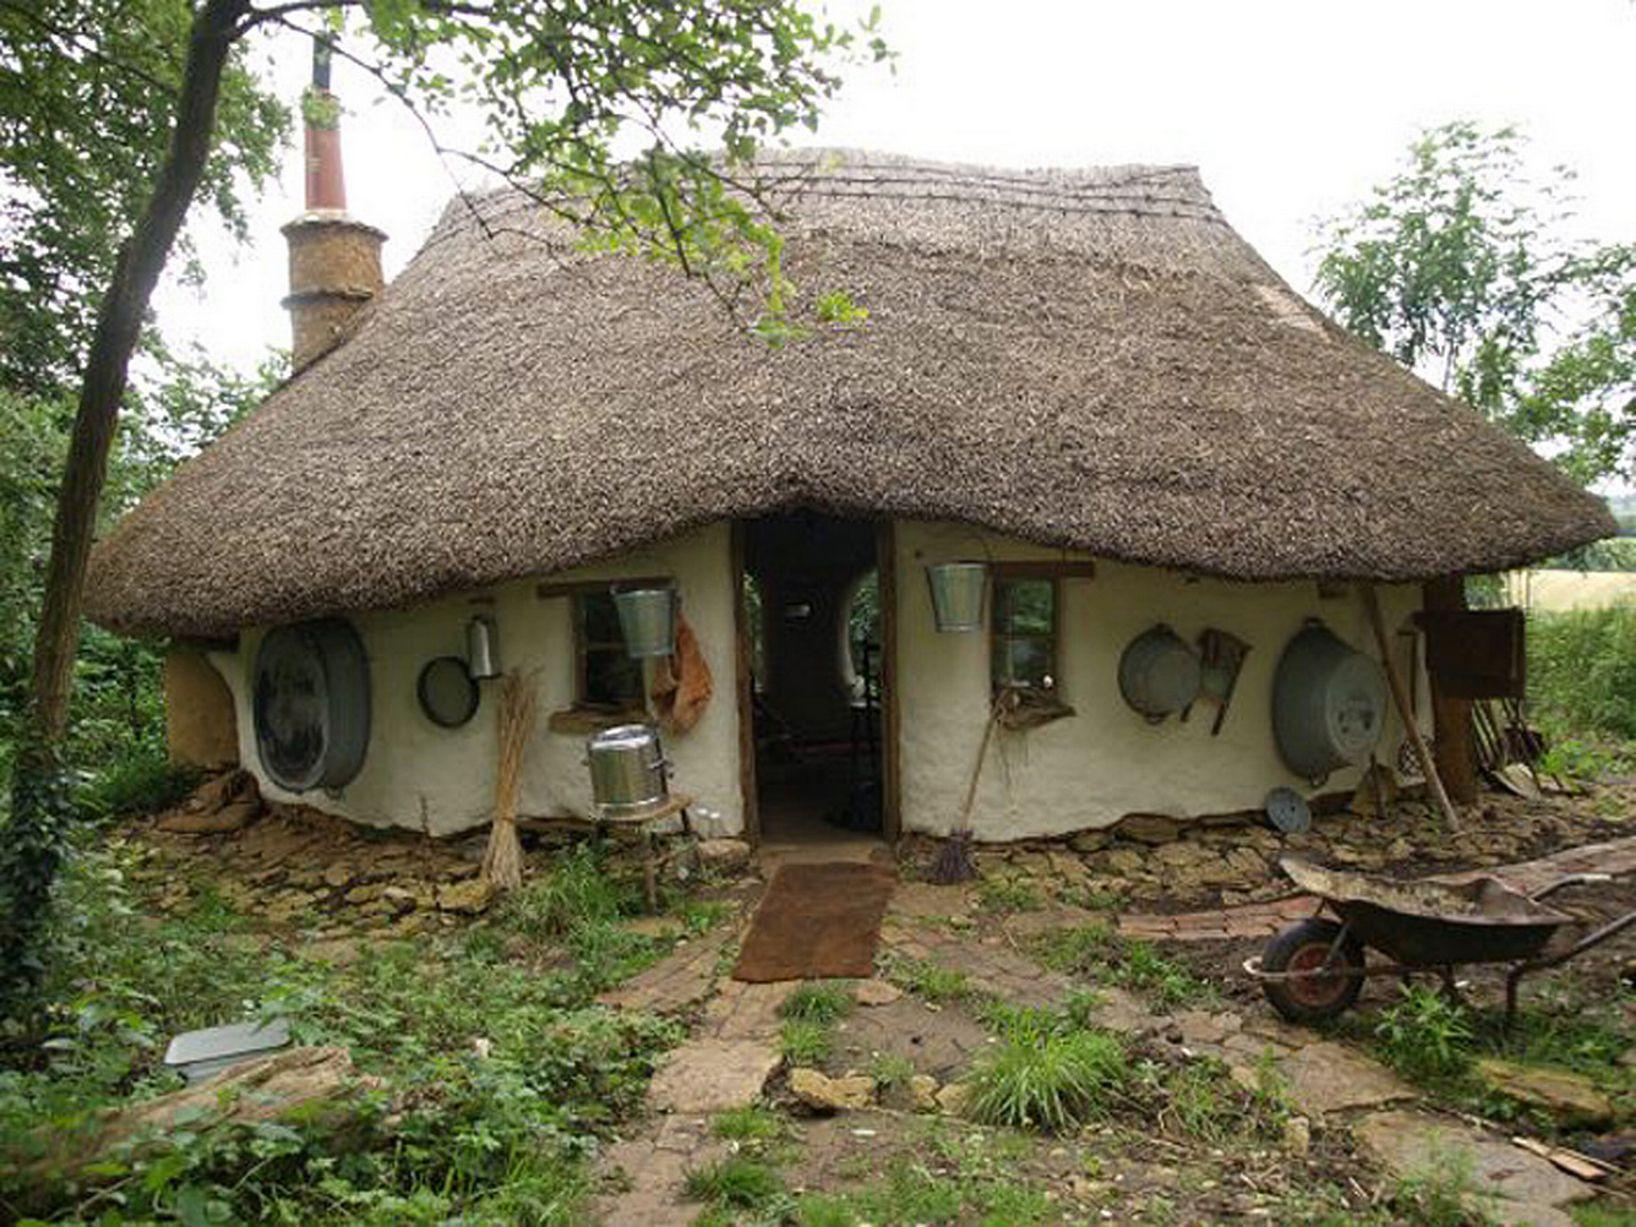 Cette maison a coûté 200 euros et possède un charme proche de celui d'une maison de hobbit - Des idées